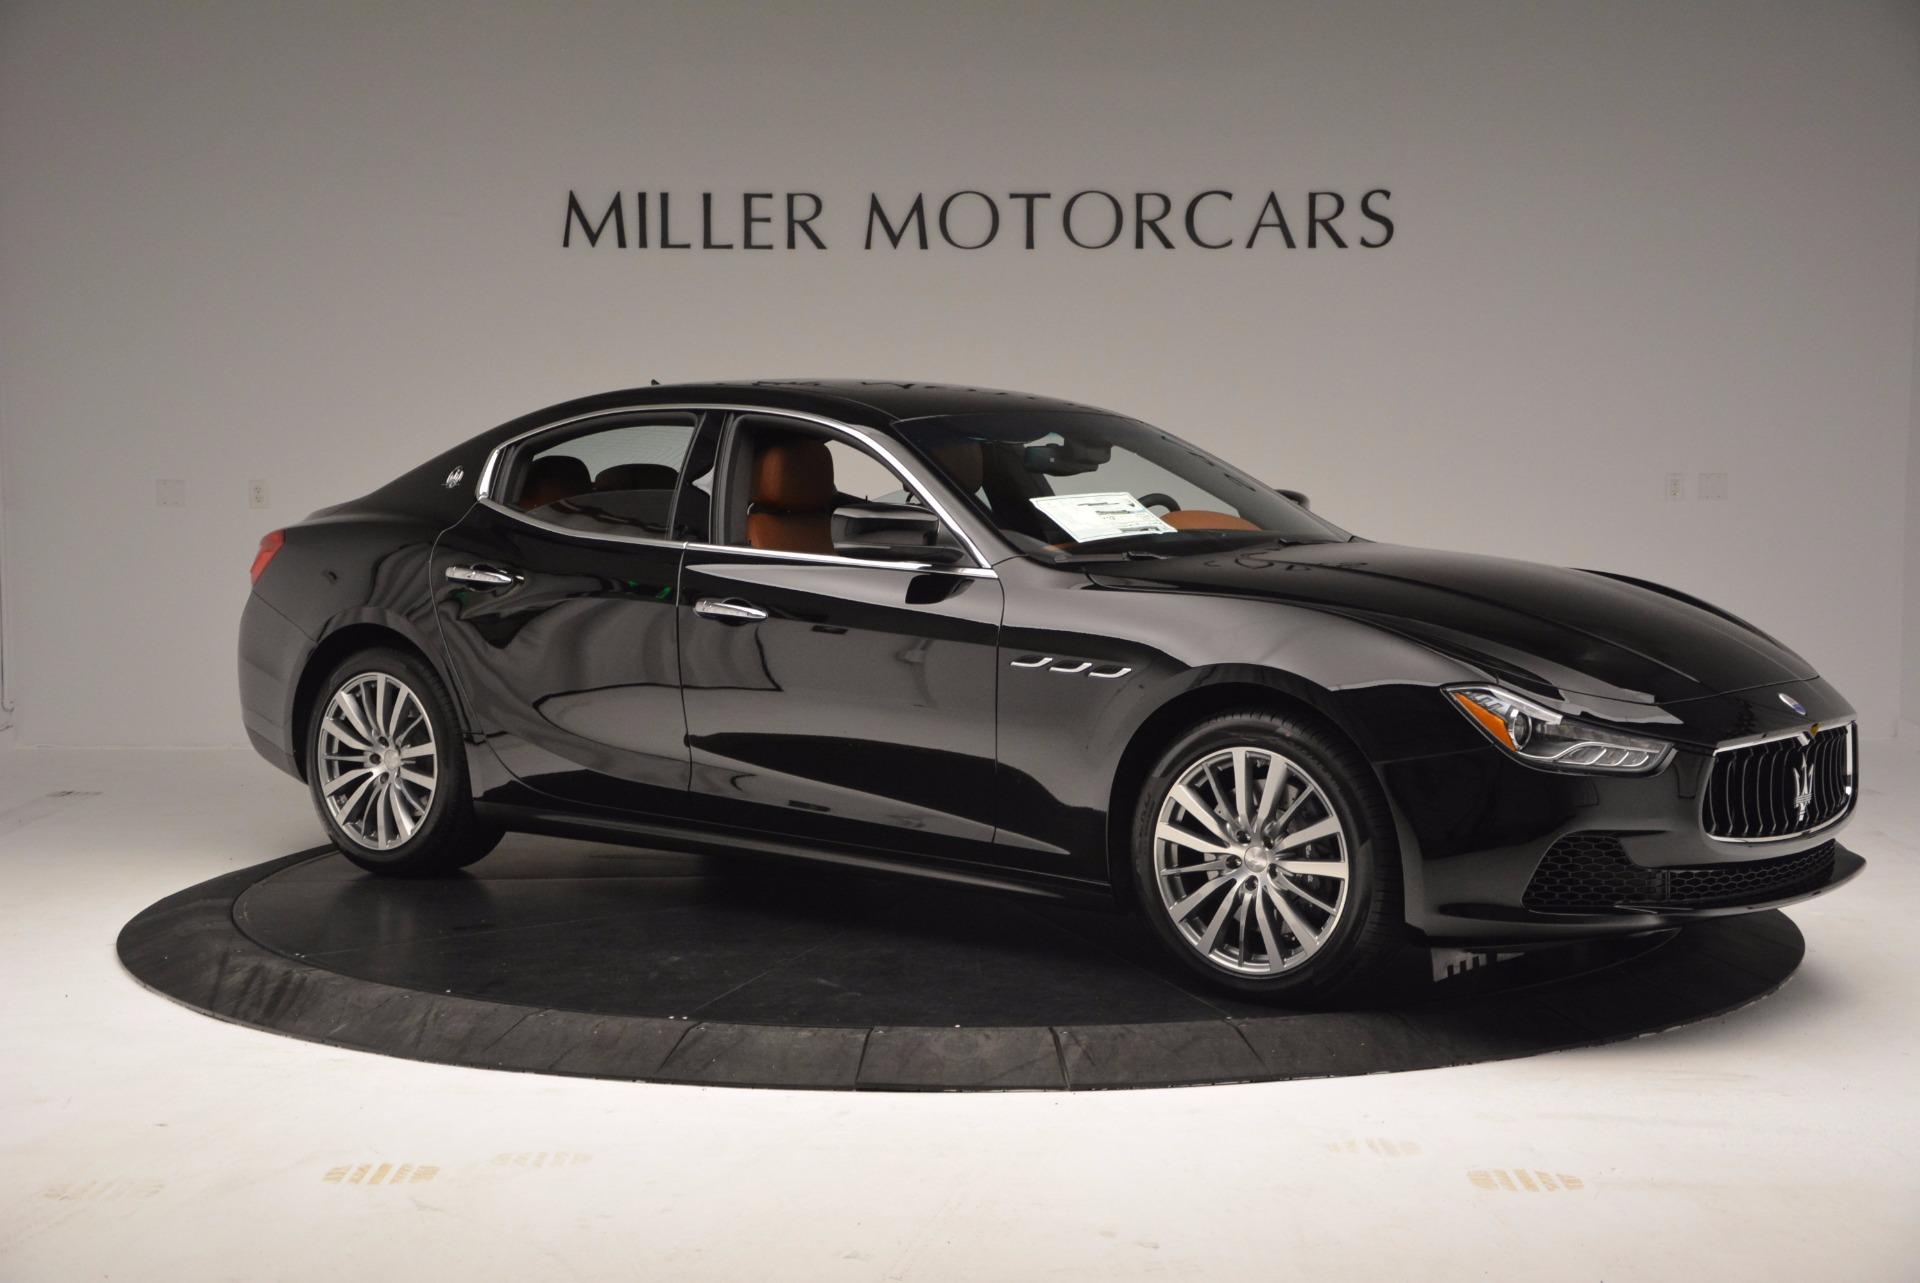 New 2017 Maserati Ghibli SQ4 For Sale In Greenwich, CT 1036_p10